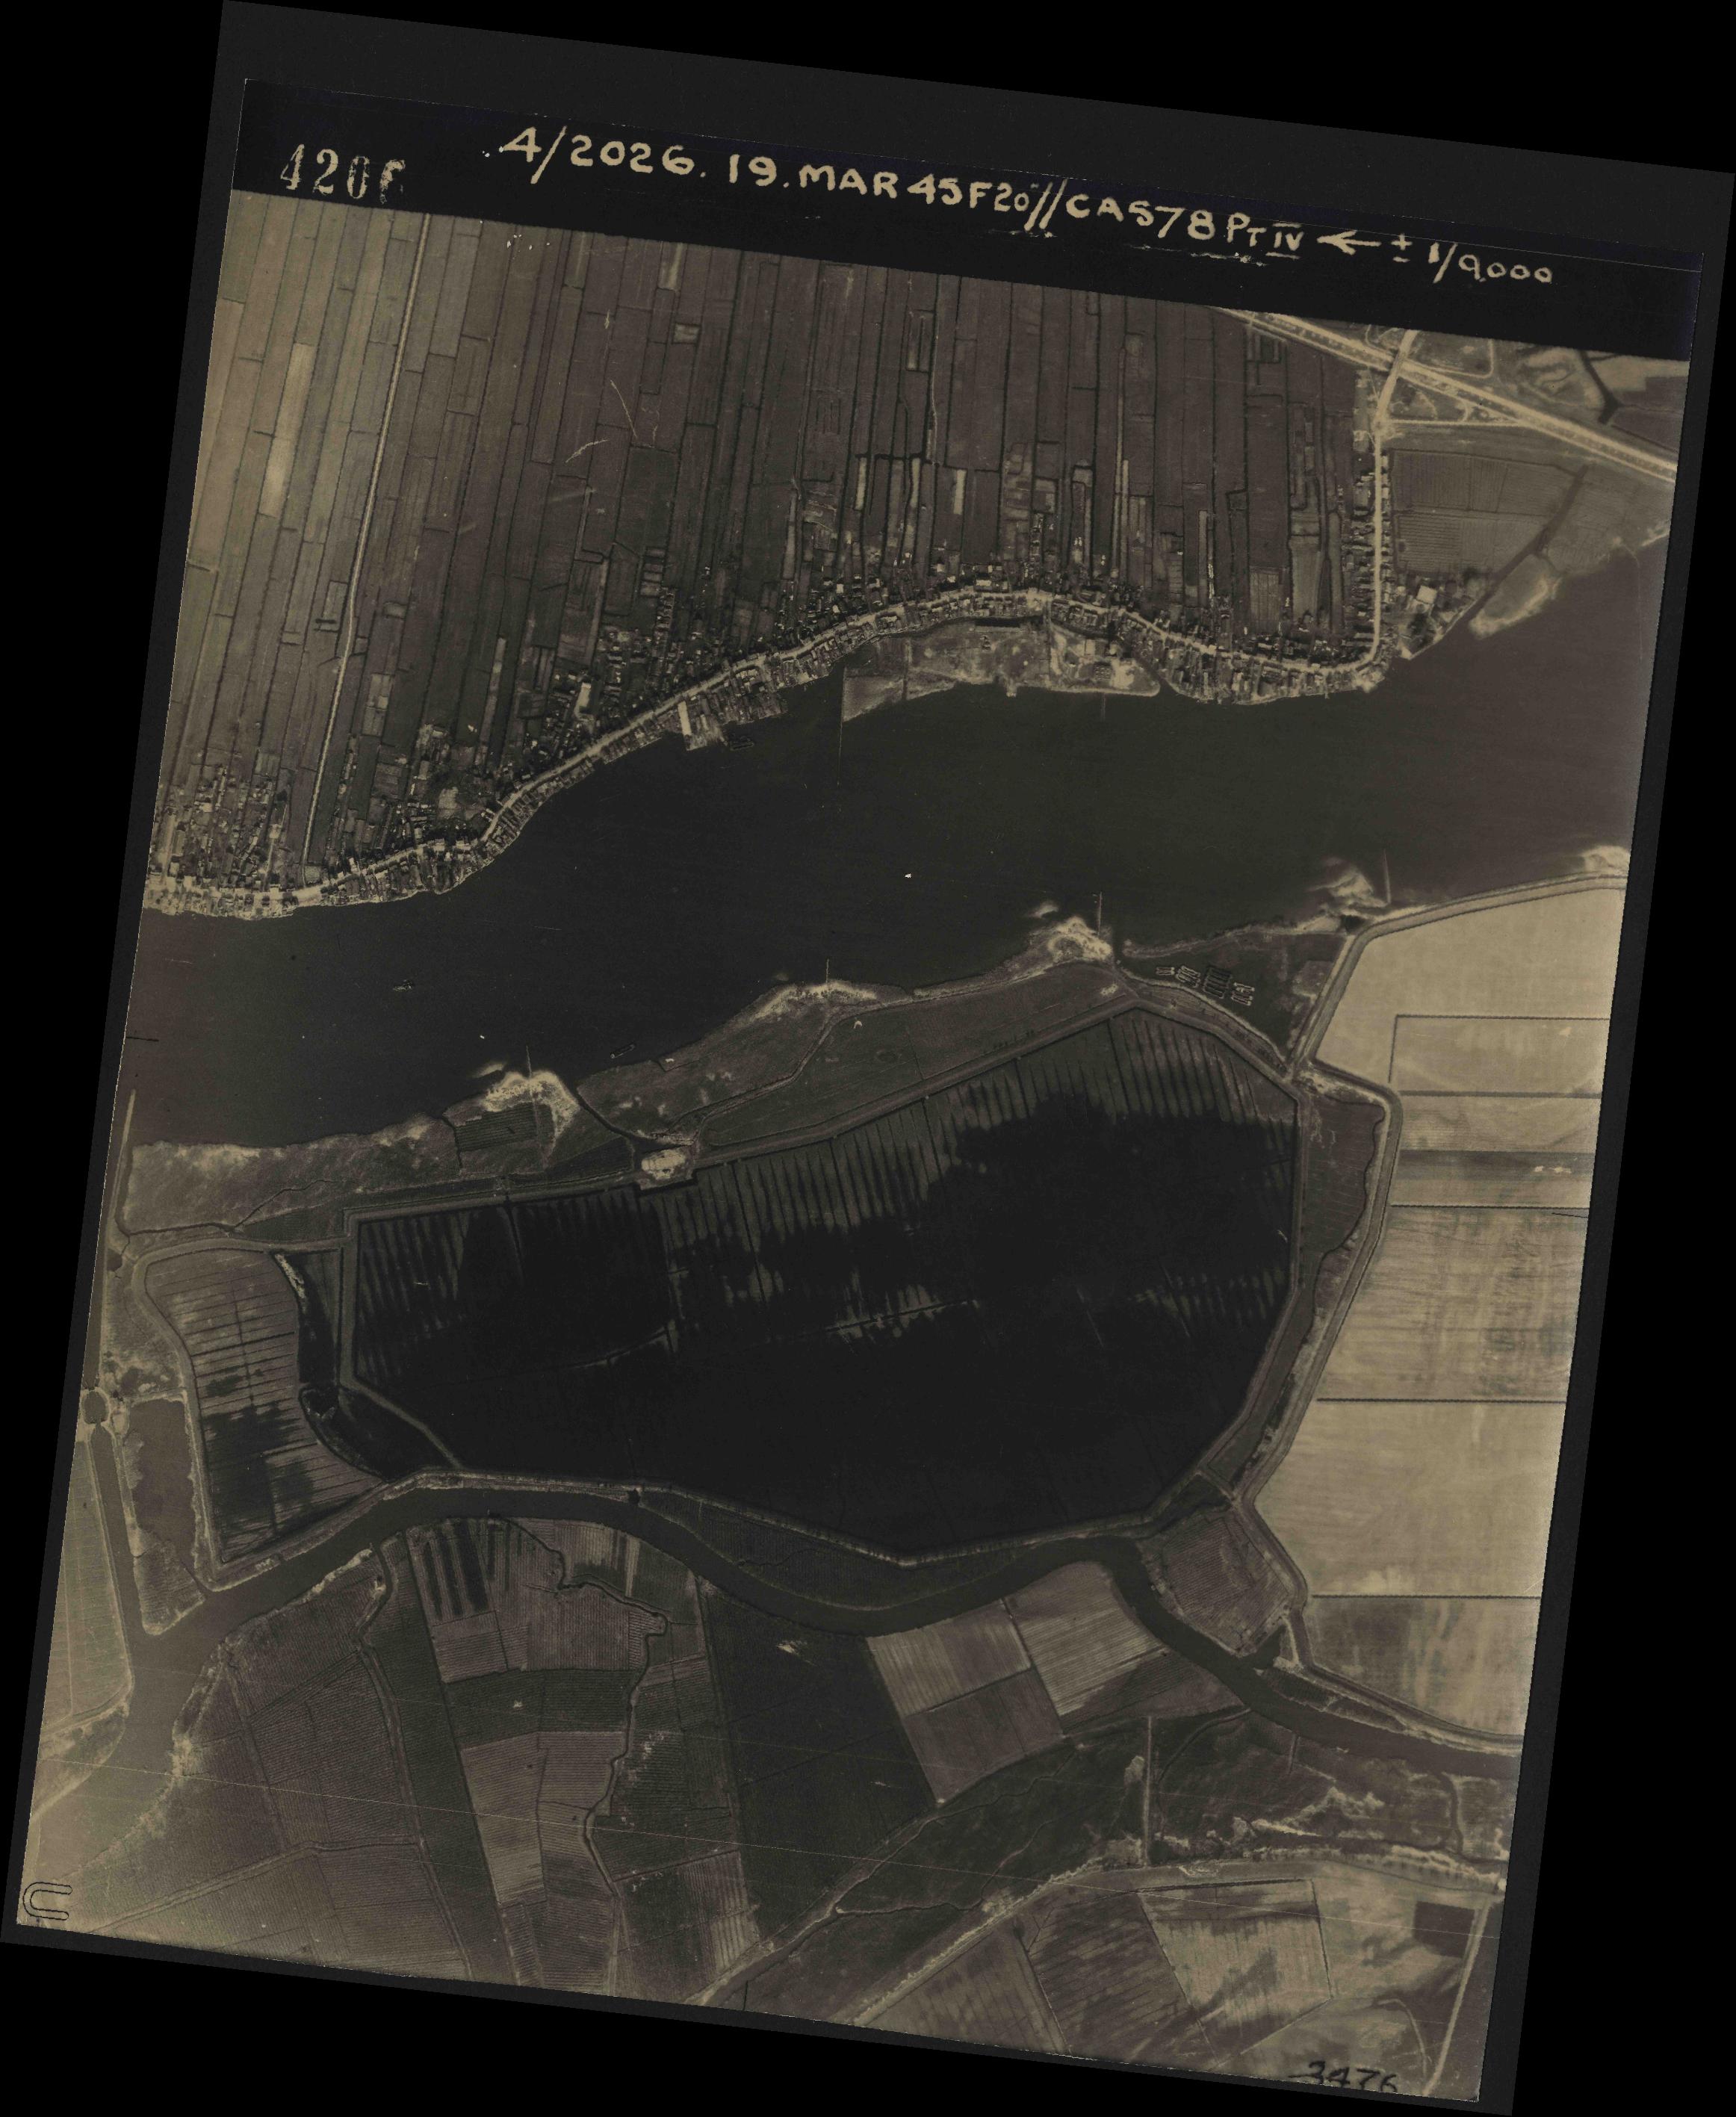 Collection RAF aerial photos 1940-1945 - flight 012, run 06, photo 4206